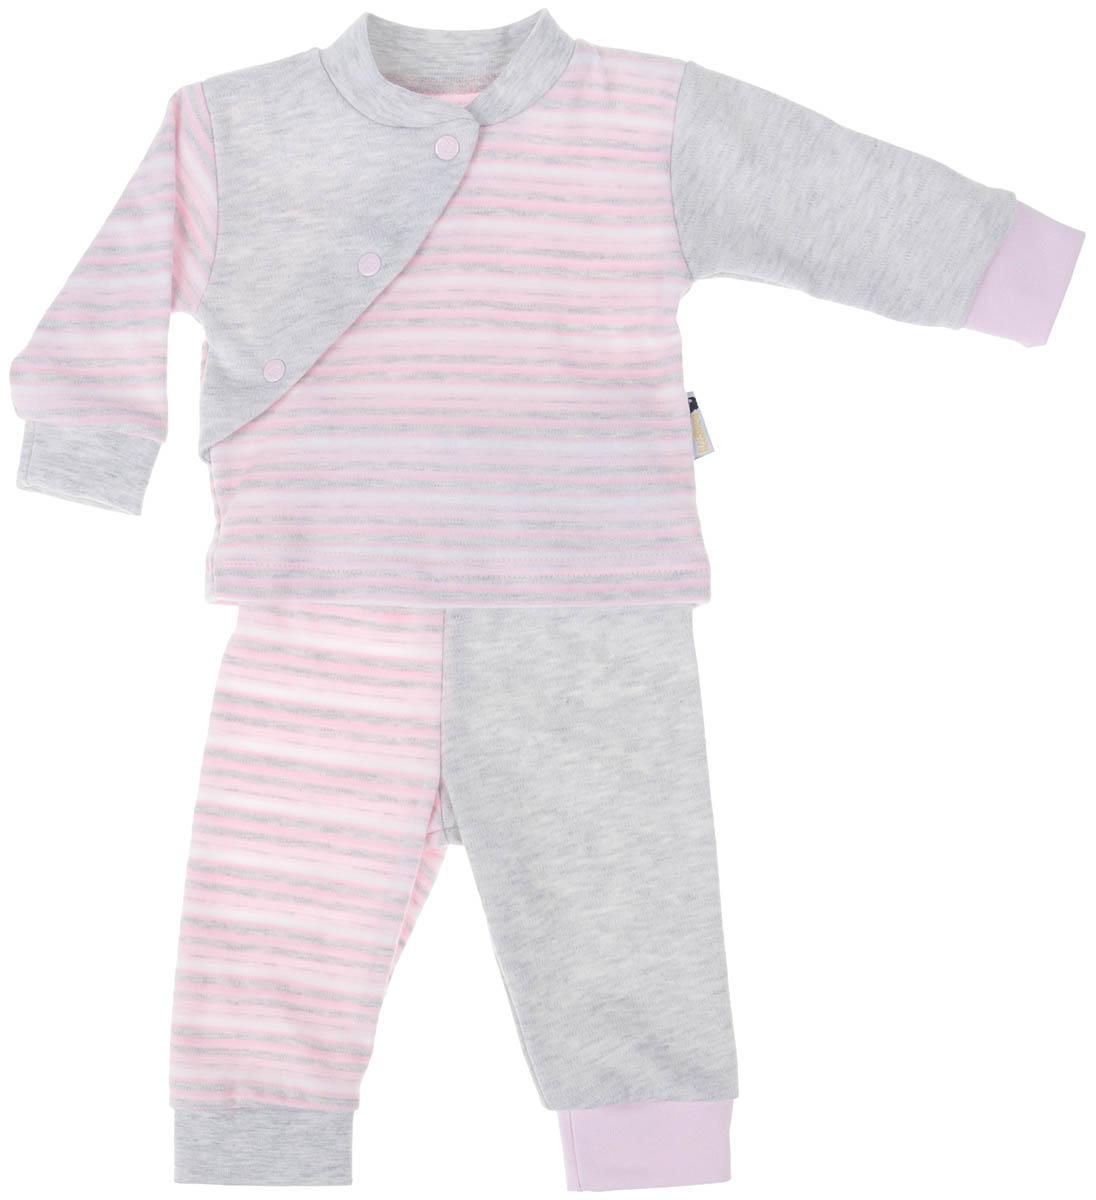 Комплект одежды39К-5222Детский комплект Клякса состоит из кофточки и штанишек. Комплект изготовлен из качественного натурального хлопка. Кофта с длинными рукавами и воротником-стойкой застегивается спереди на три кнопки. Штанишки имеют широкую эластичную резинку на поясе и широкие манжеты.